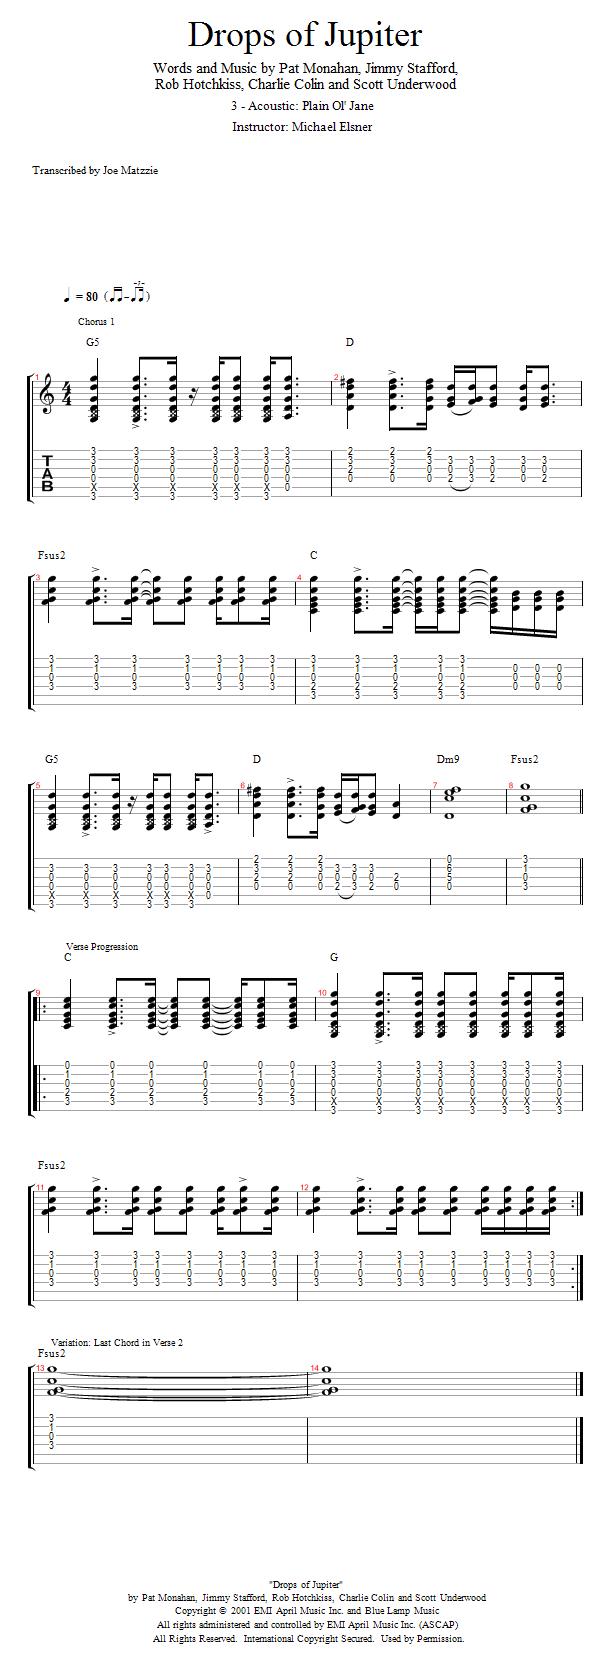 Guitar Lessons Acoustic Plain Ol Jane